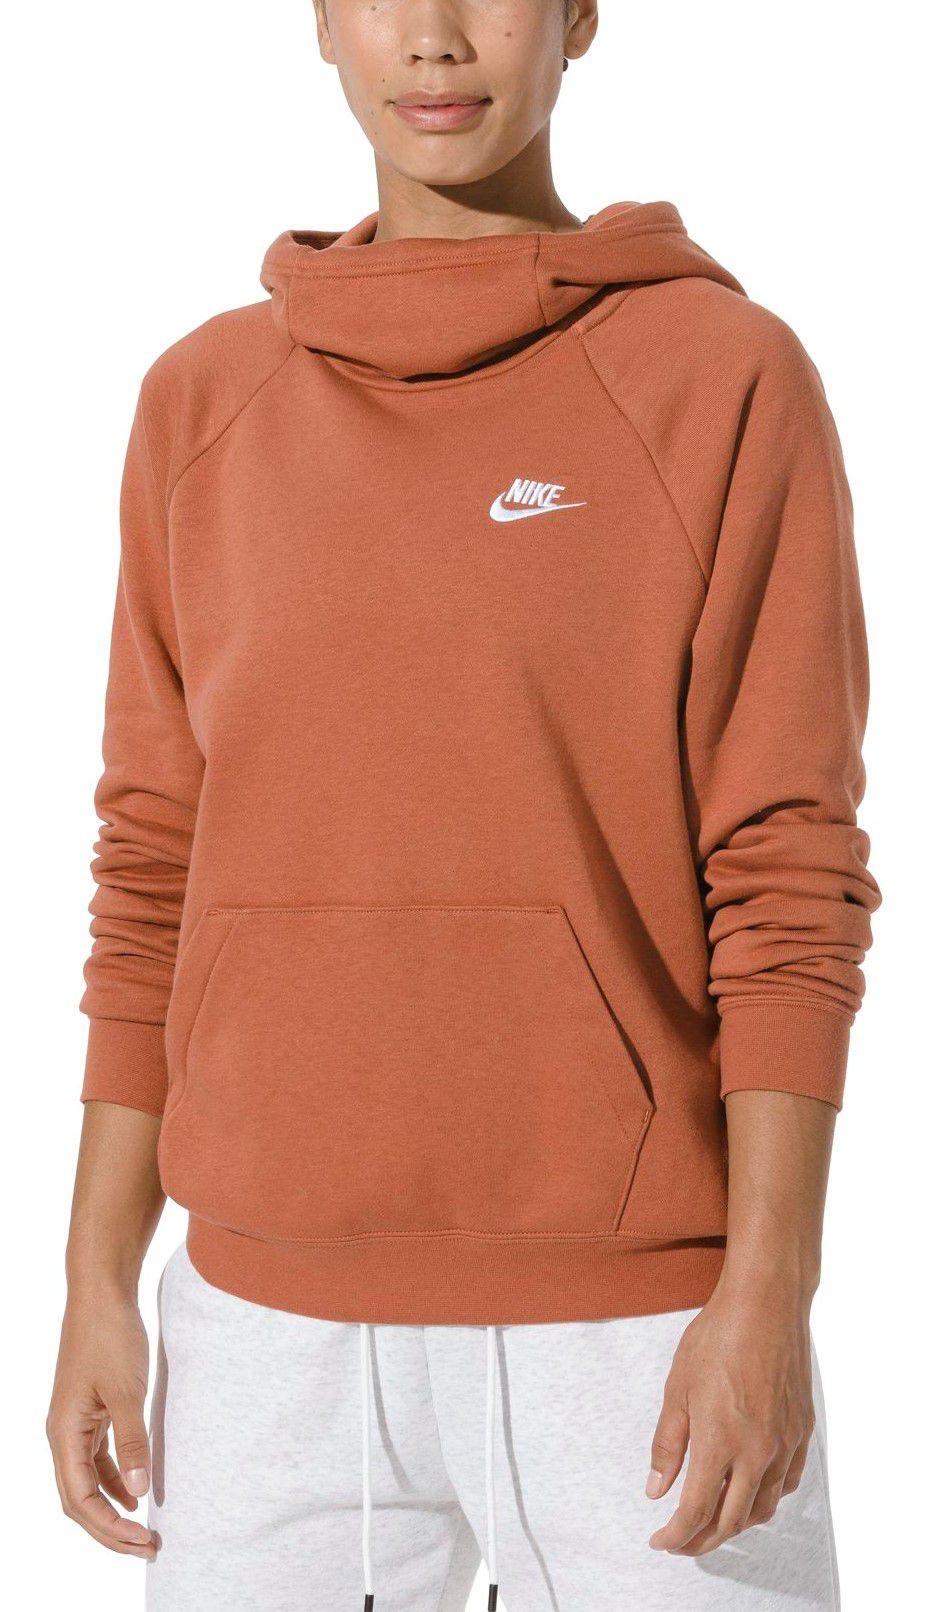 nike cowl neck sweatshirt